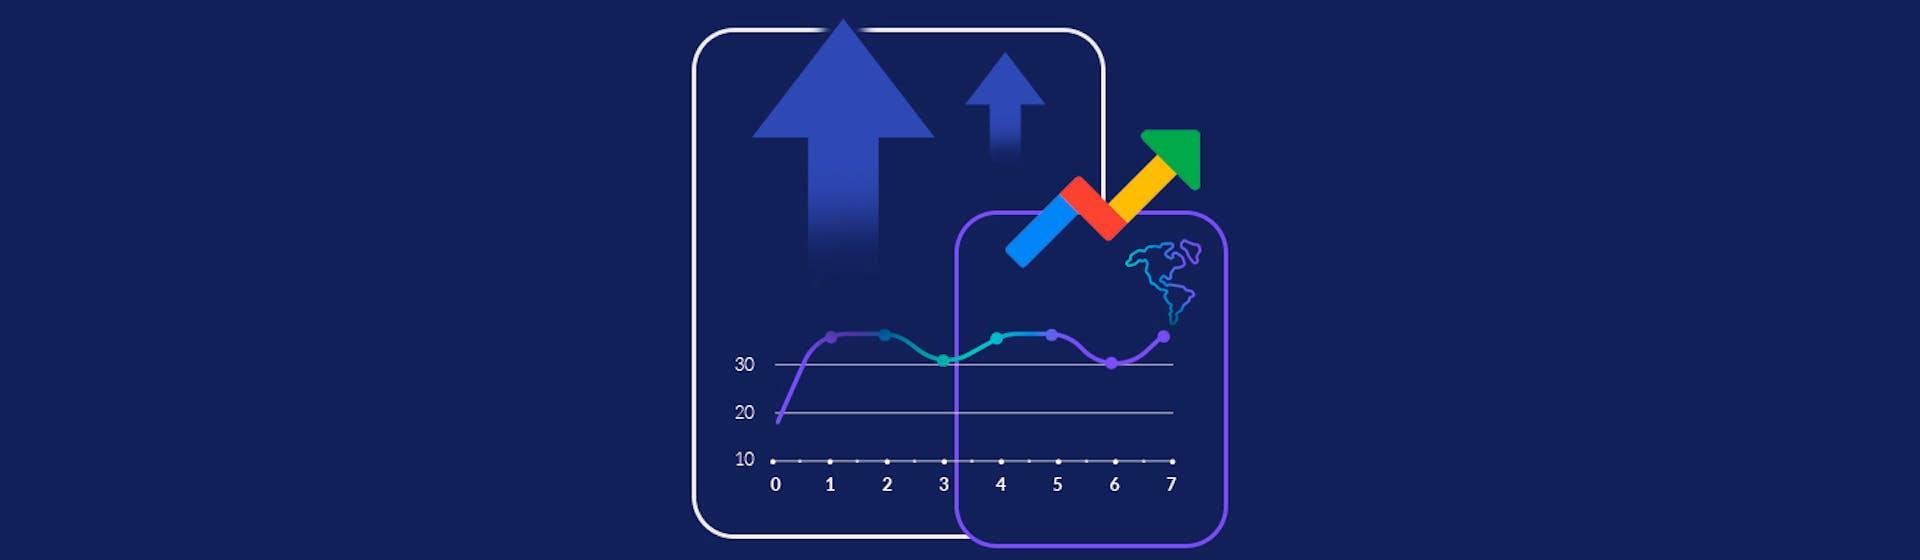 Conoce qué es Google Trends y descubre las mejores tendencias antes que tu competencia